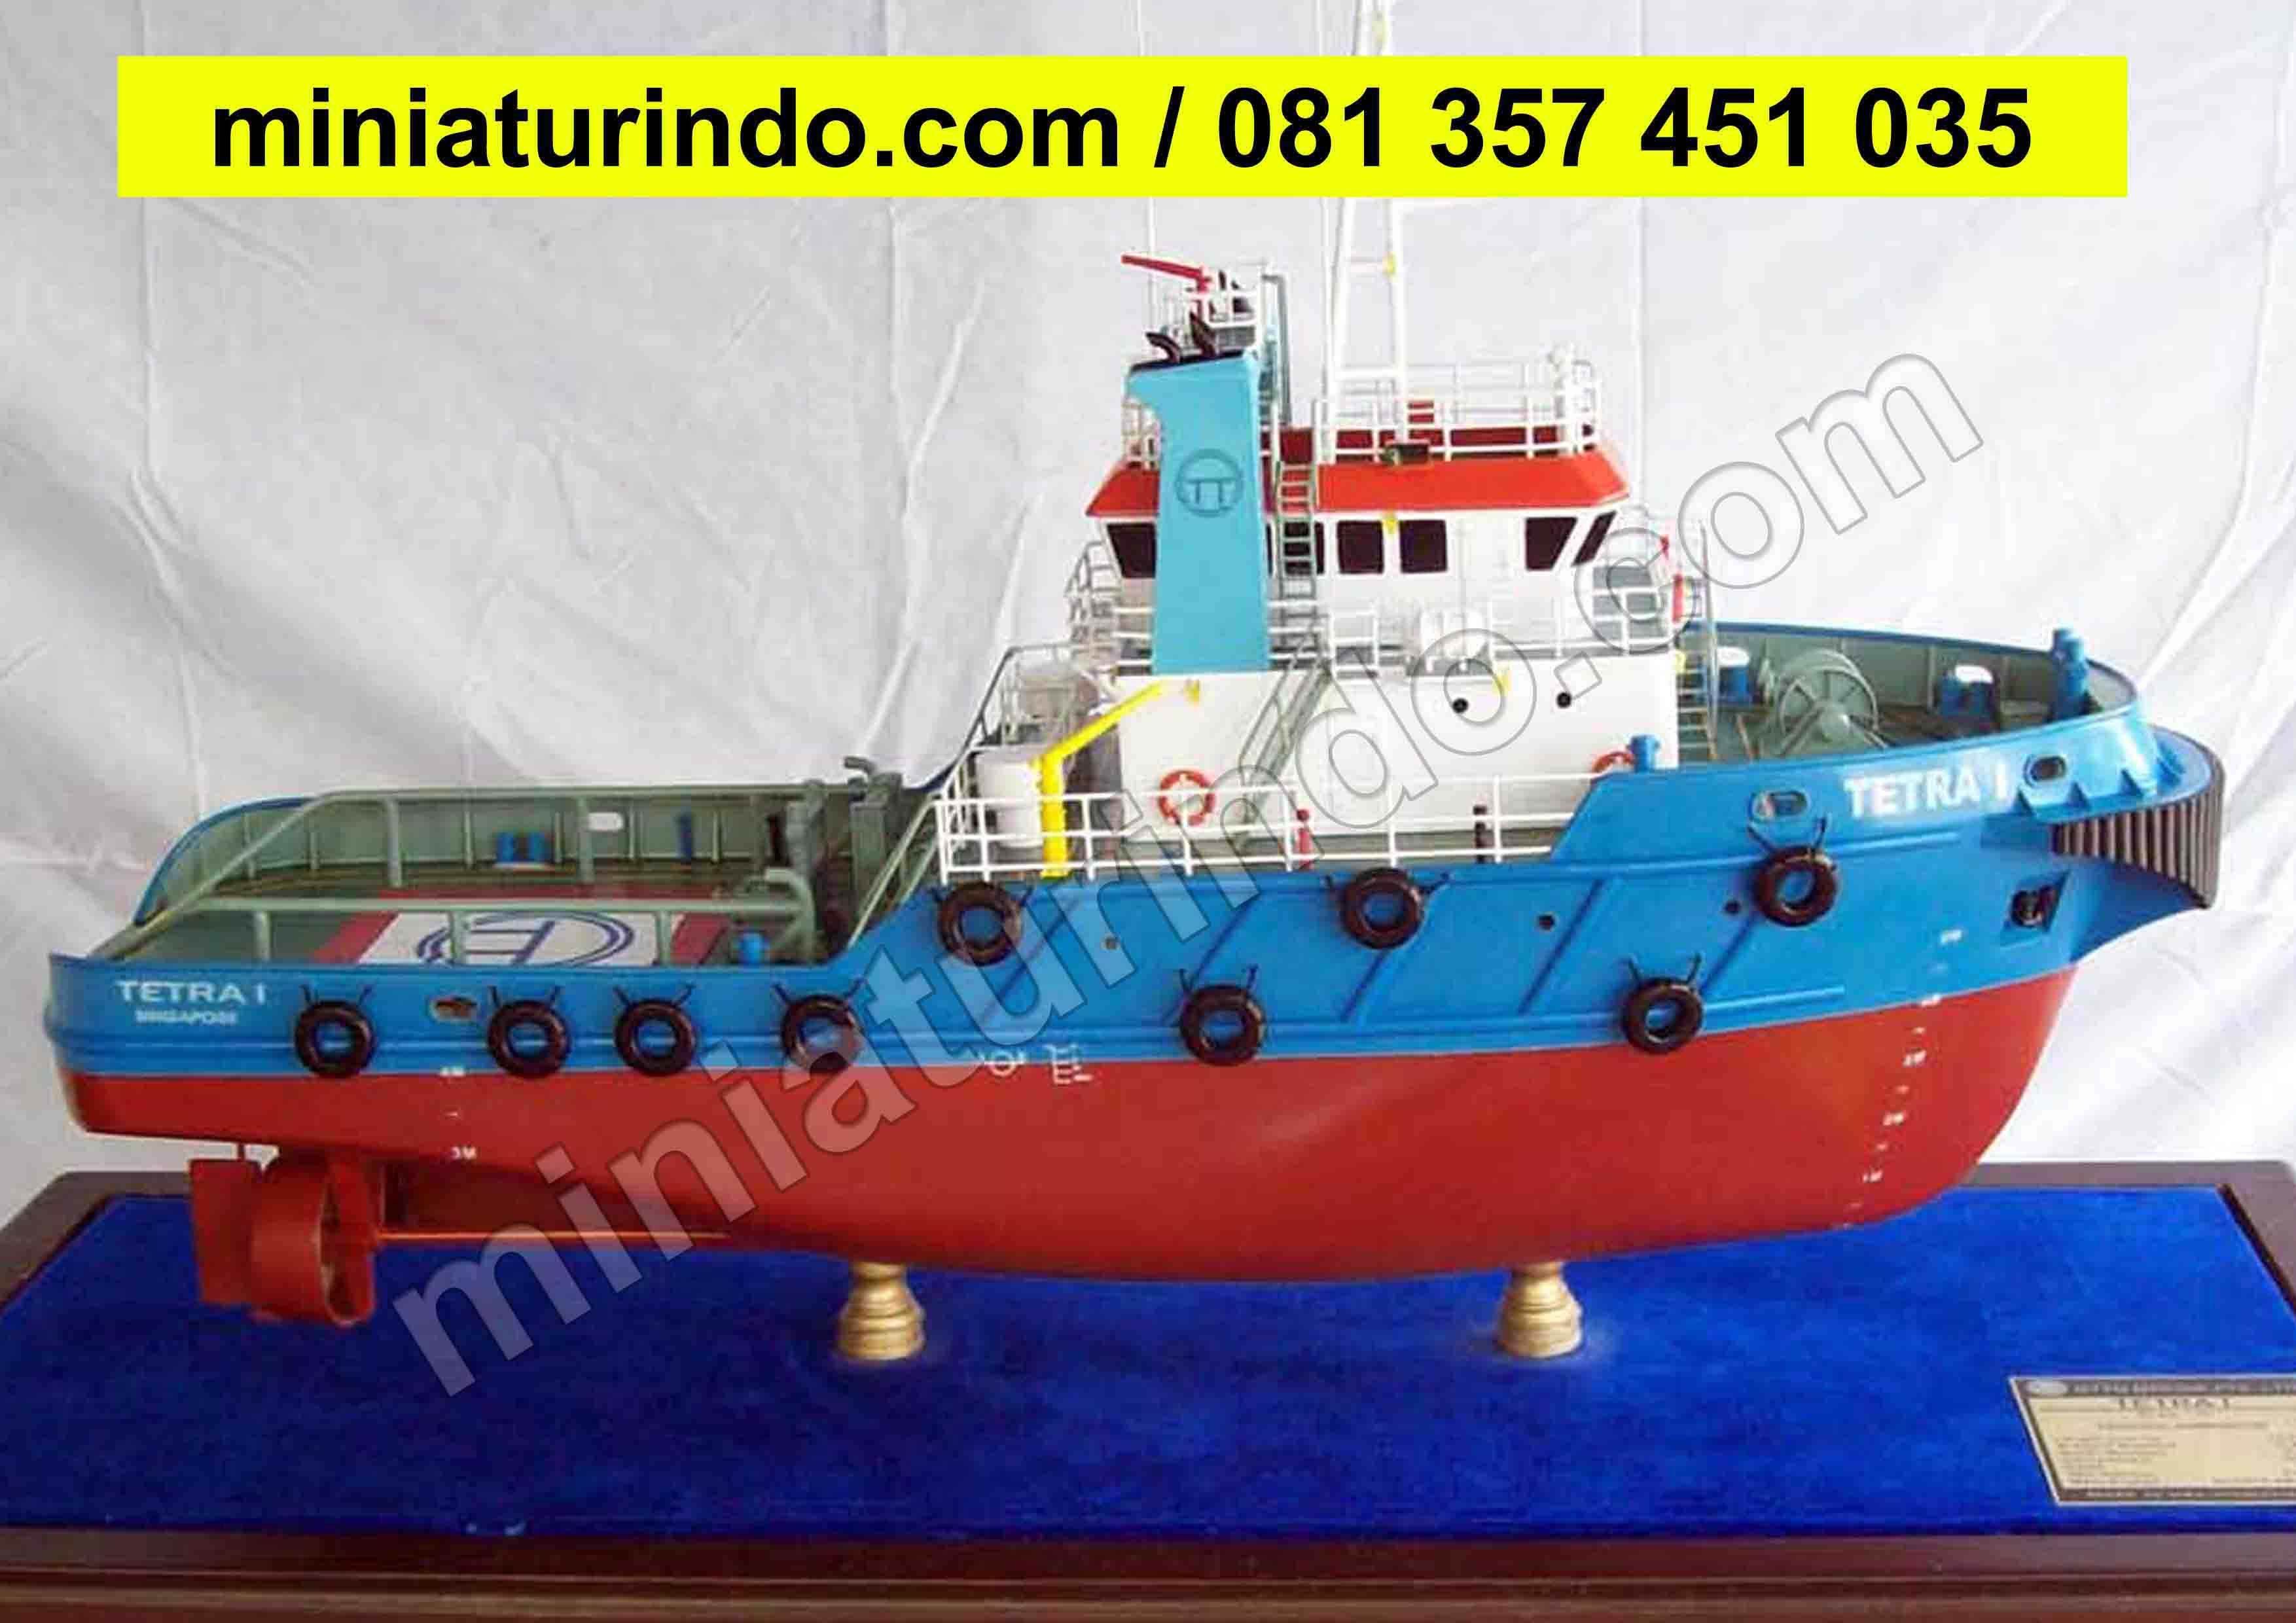 Miniatur Kapal Perahu Layar Miniatur Miniatur Kapal Laut Jual